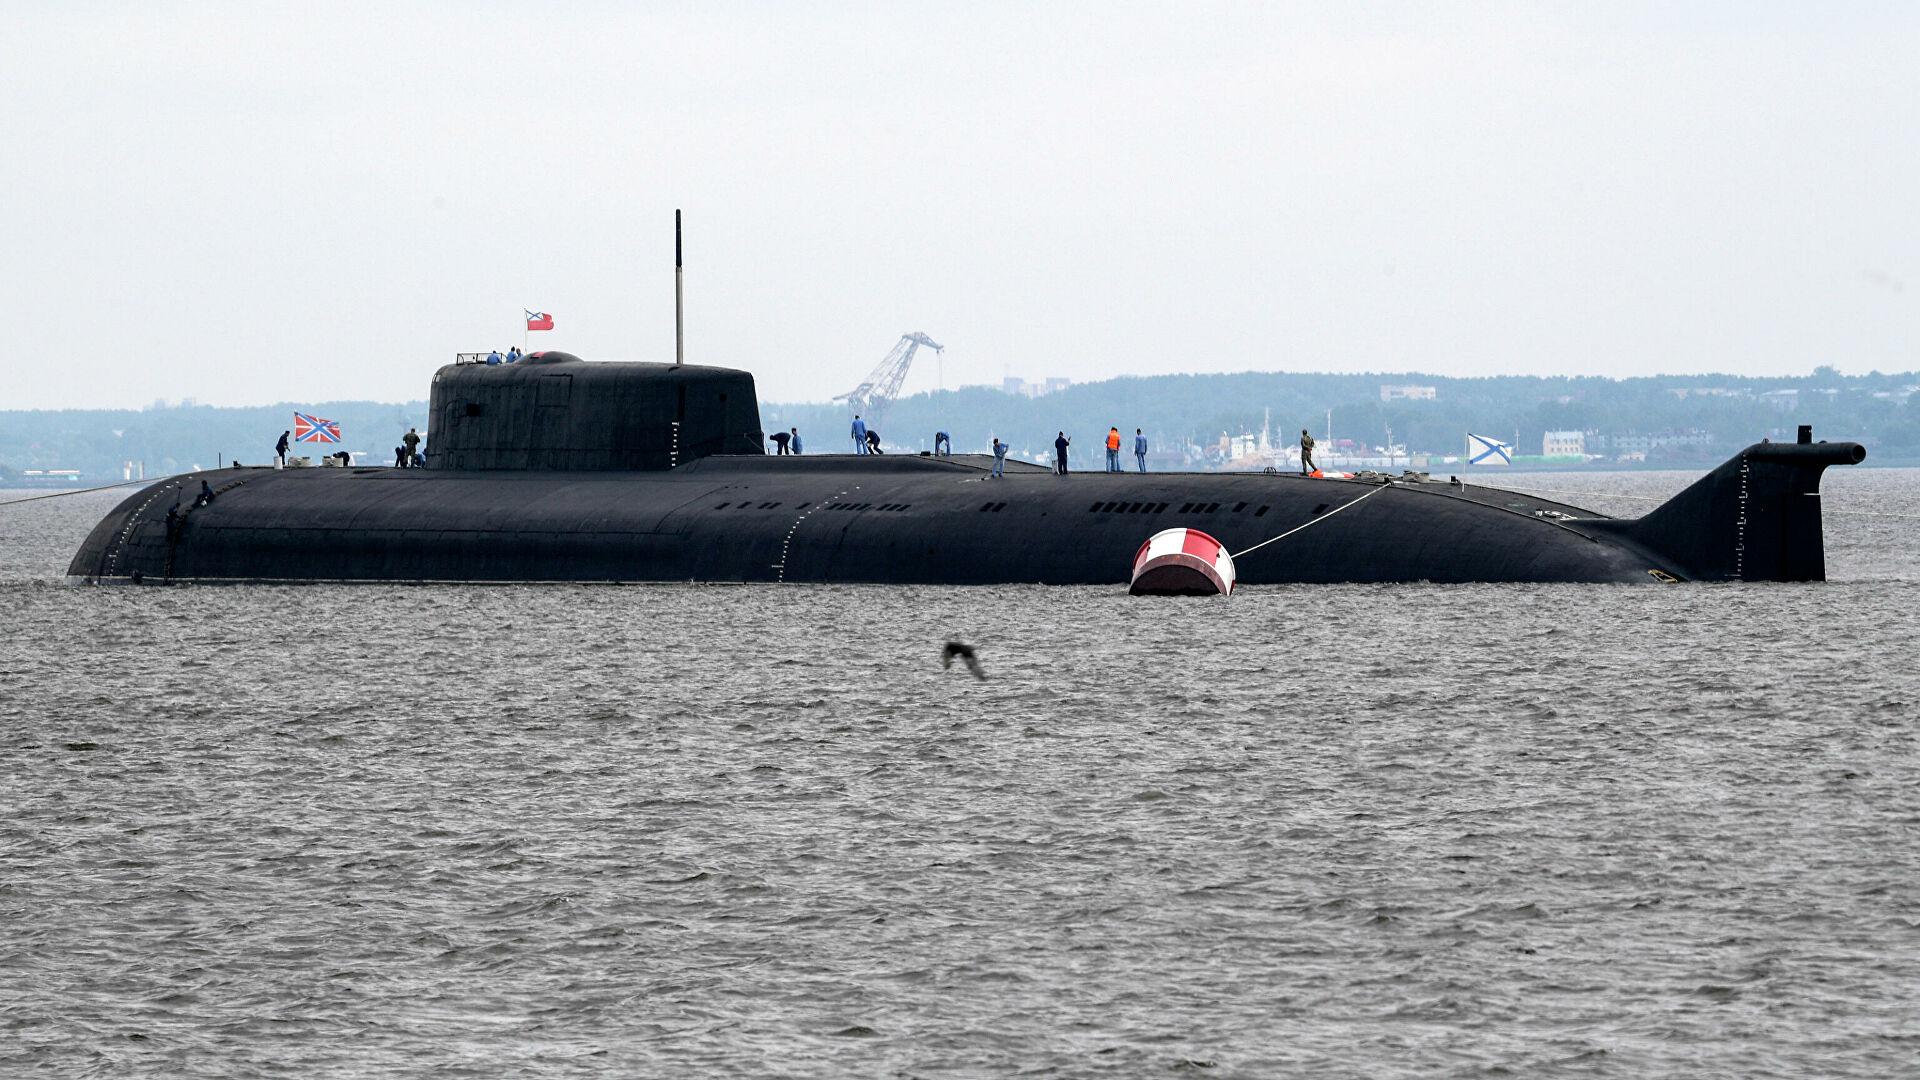 Эксперт назвал причины потери хода российской субмарины возле Дании